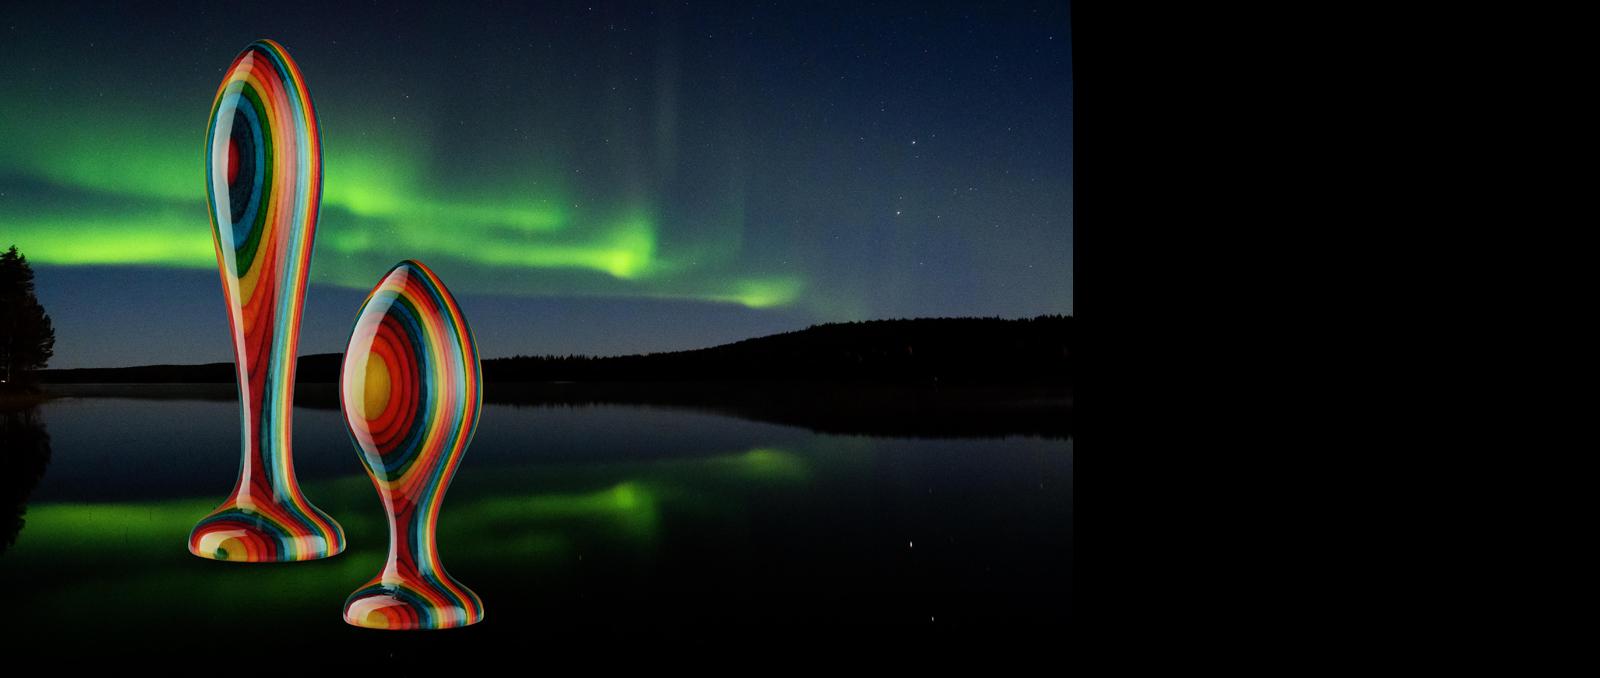 aurorabor